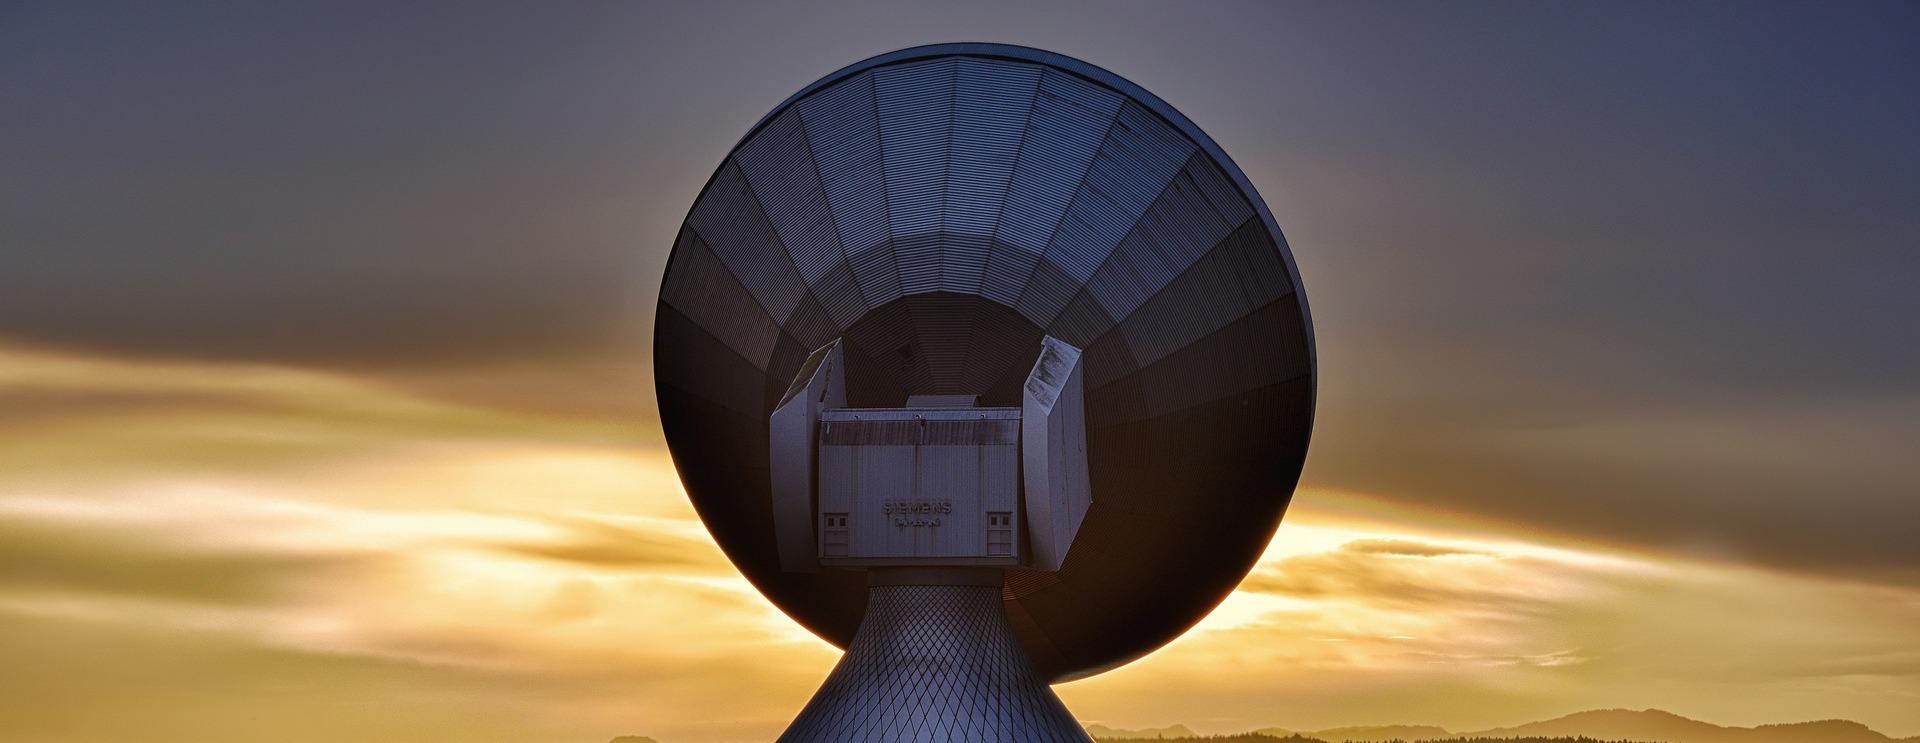 Россия экспортировала в Киргизию спутниковую аппаратуру Швабе